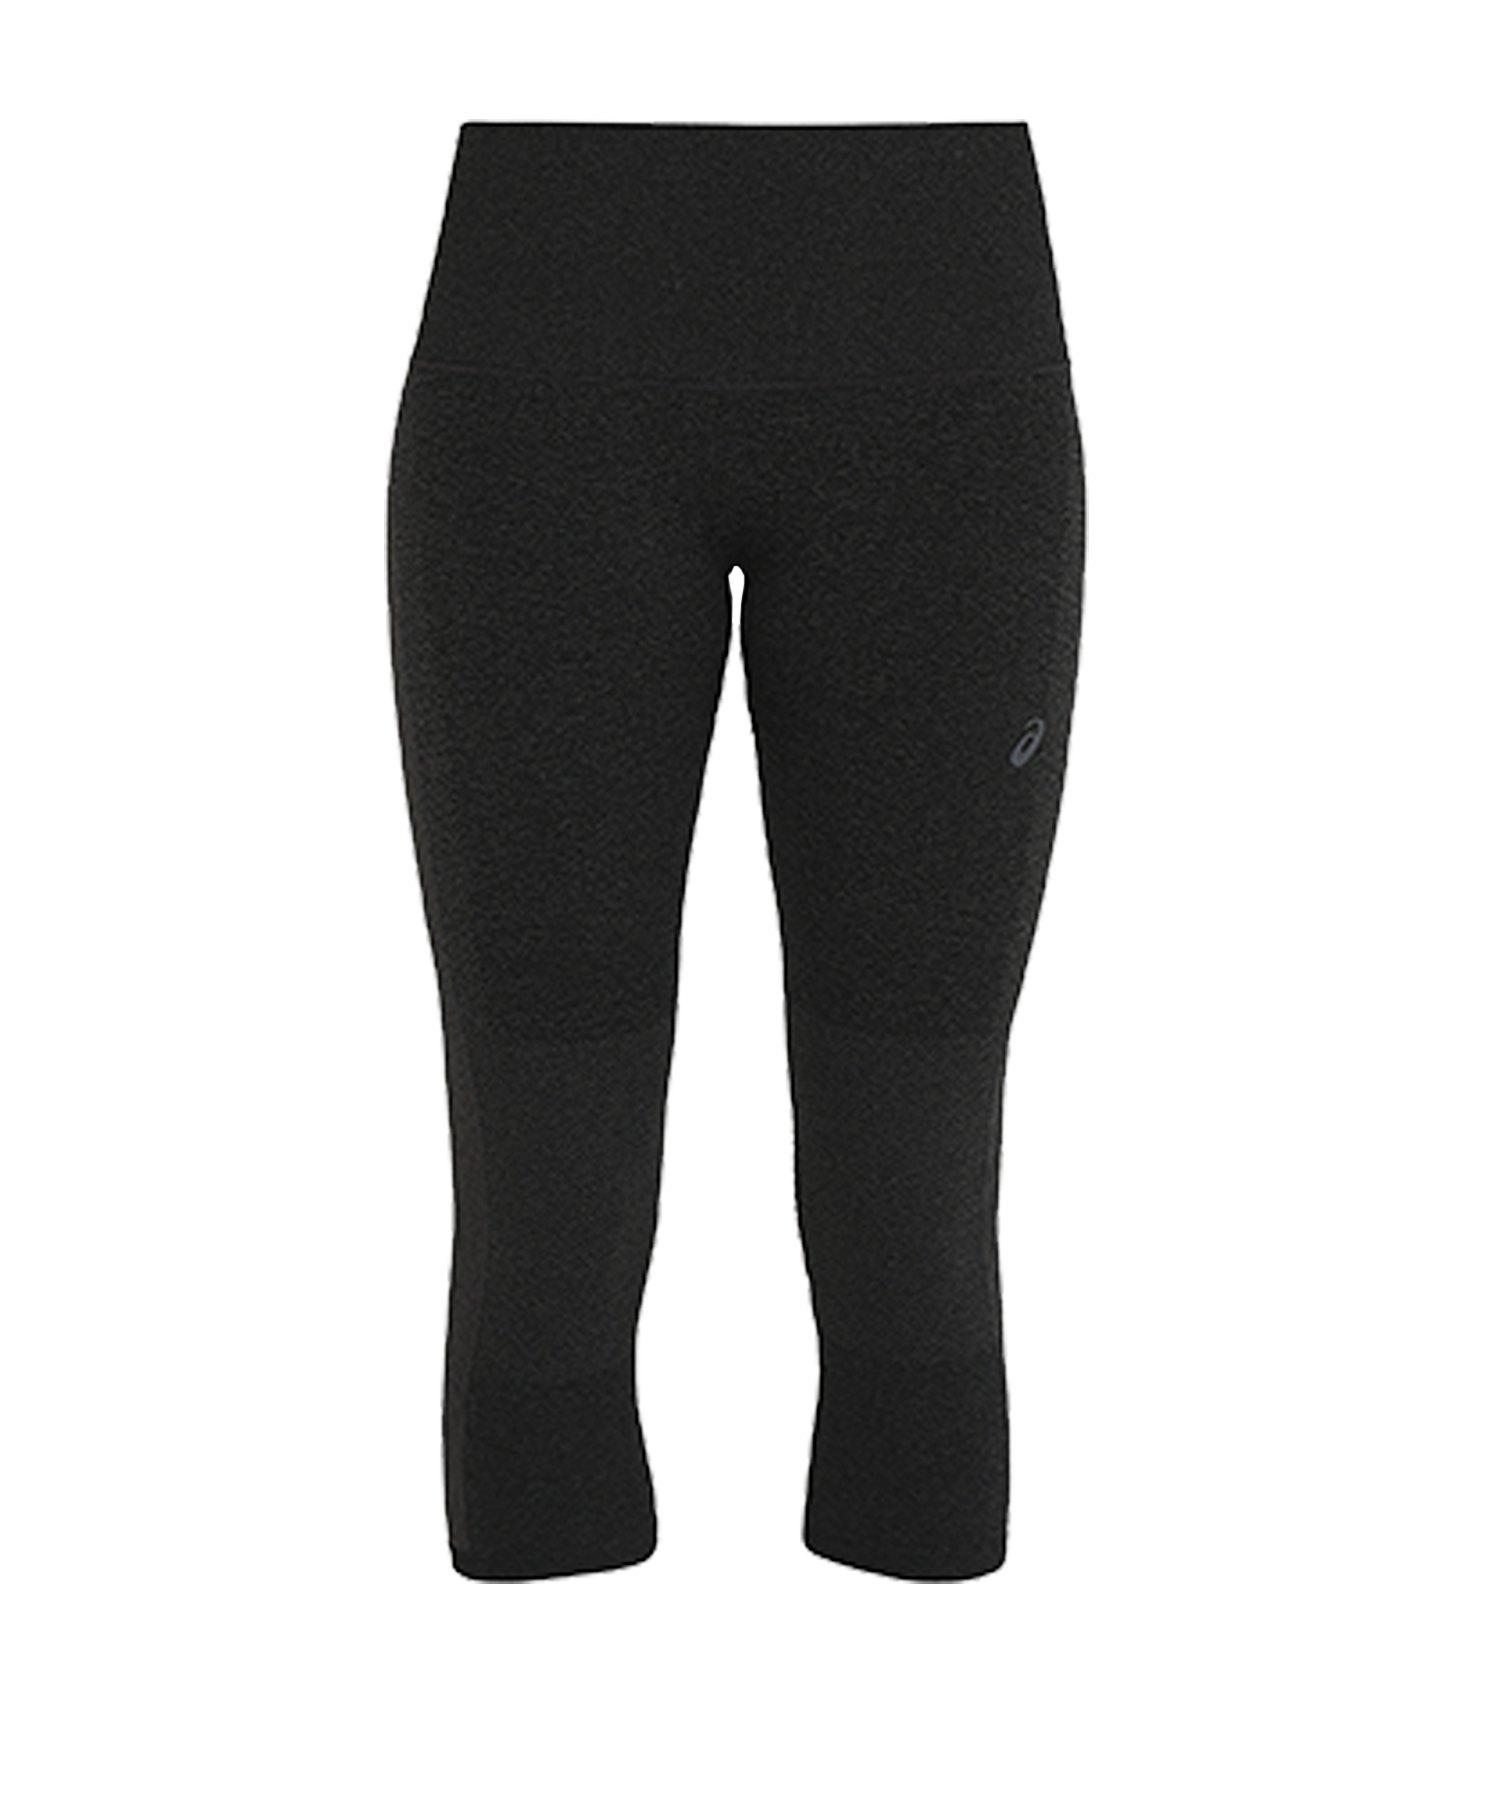 Asics Cool Capri Tight Running Damen Schwarz F001 - schwarz